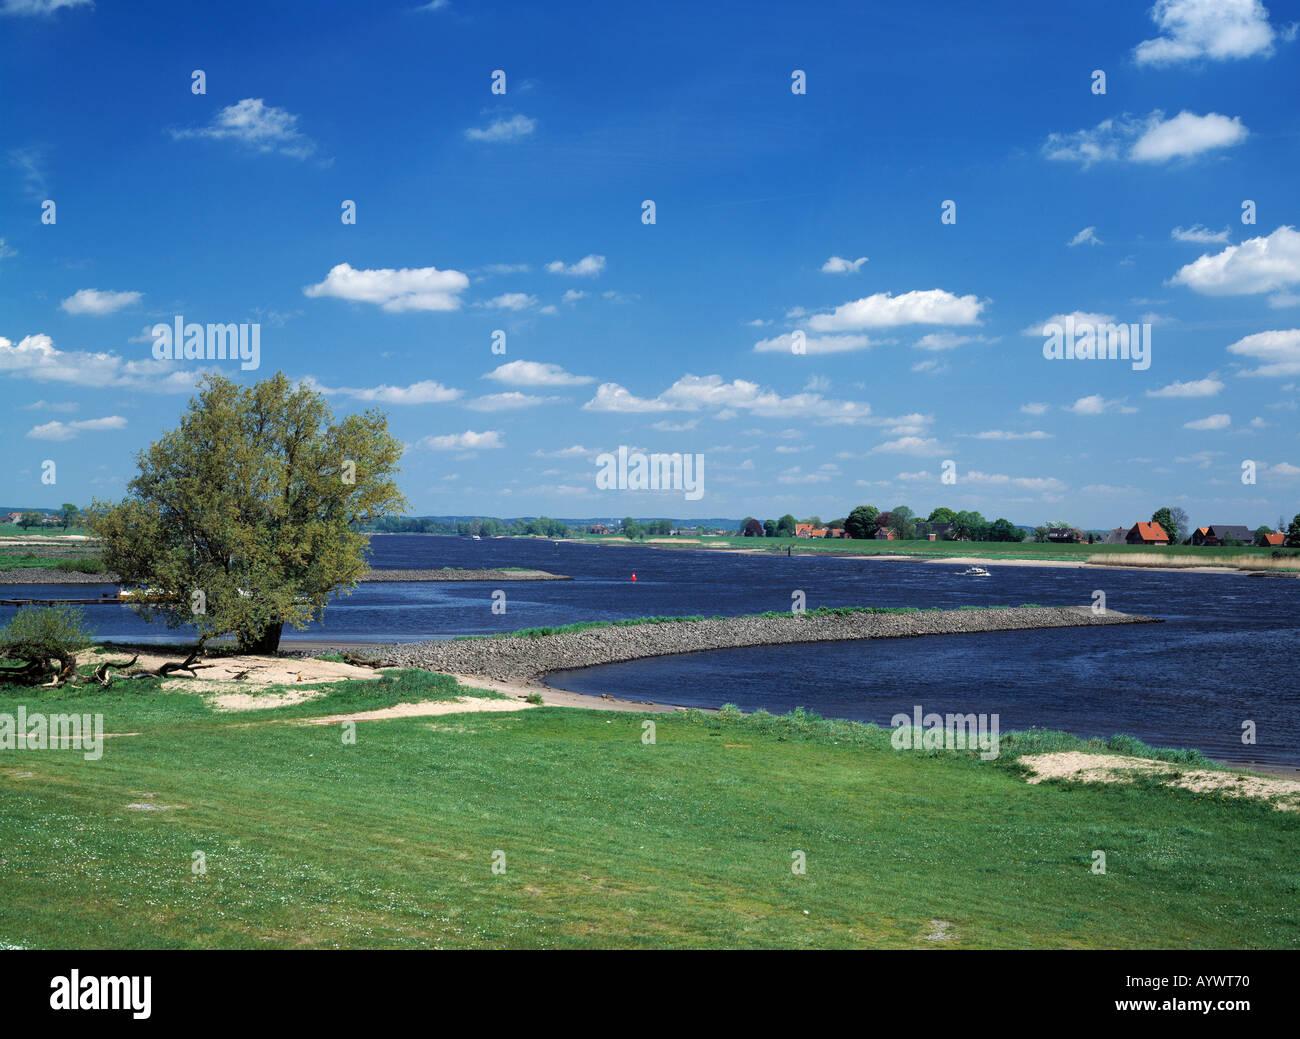 Flusslandschaft, Elbelandschaft in Vierlande, Blick ueber die Elbe nach Niedersachen, Hamburg, Elbe - Stock Image